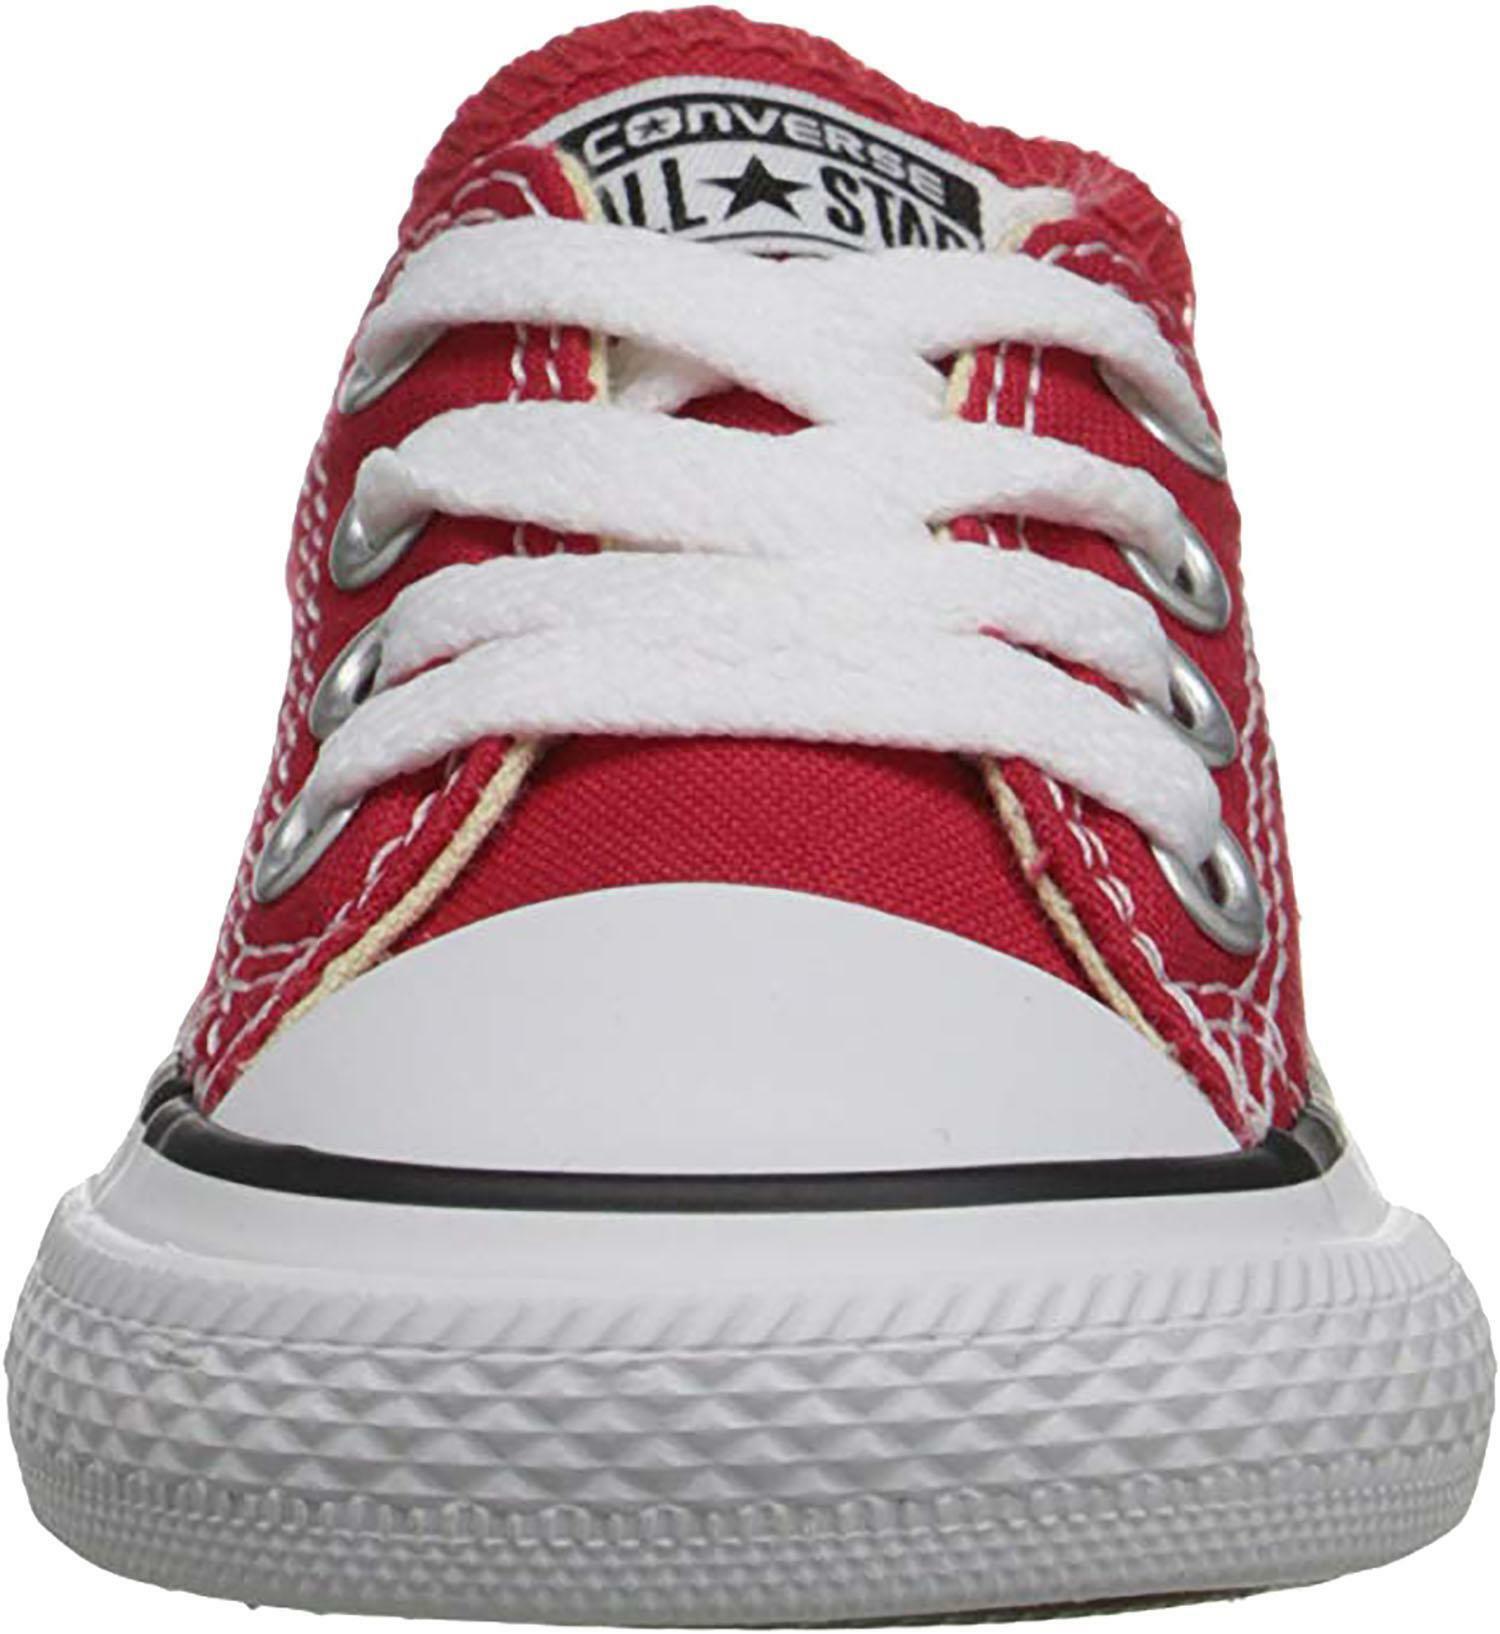 converse converse all star scarpe sportive bambino rosse tela lacci 7j236c